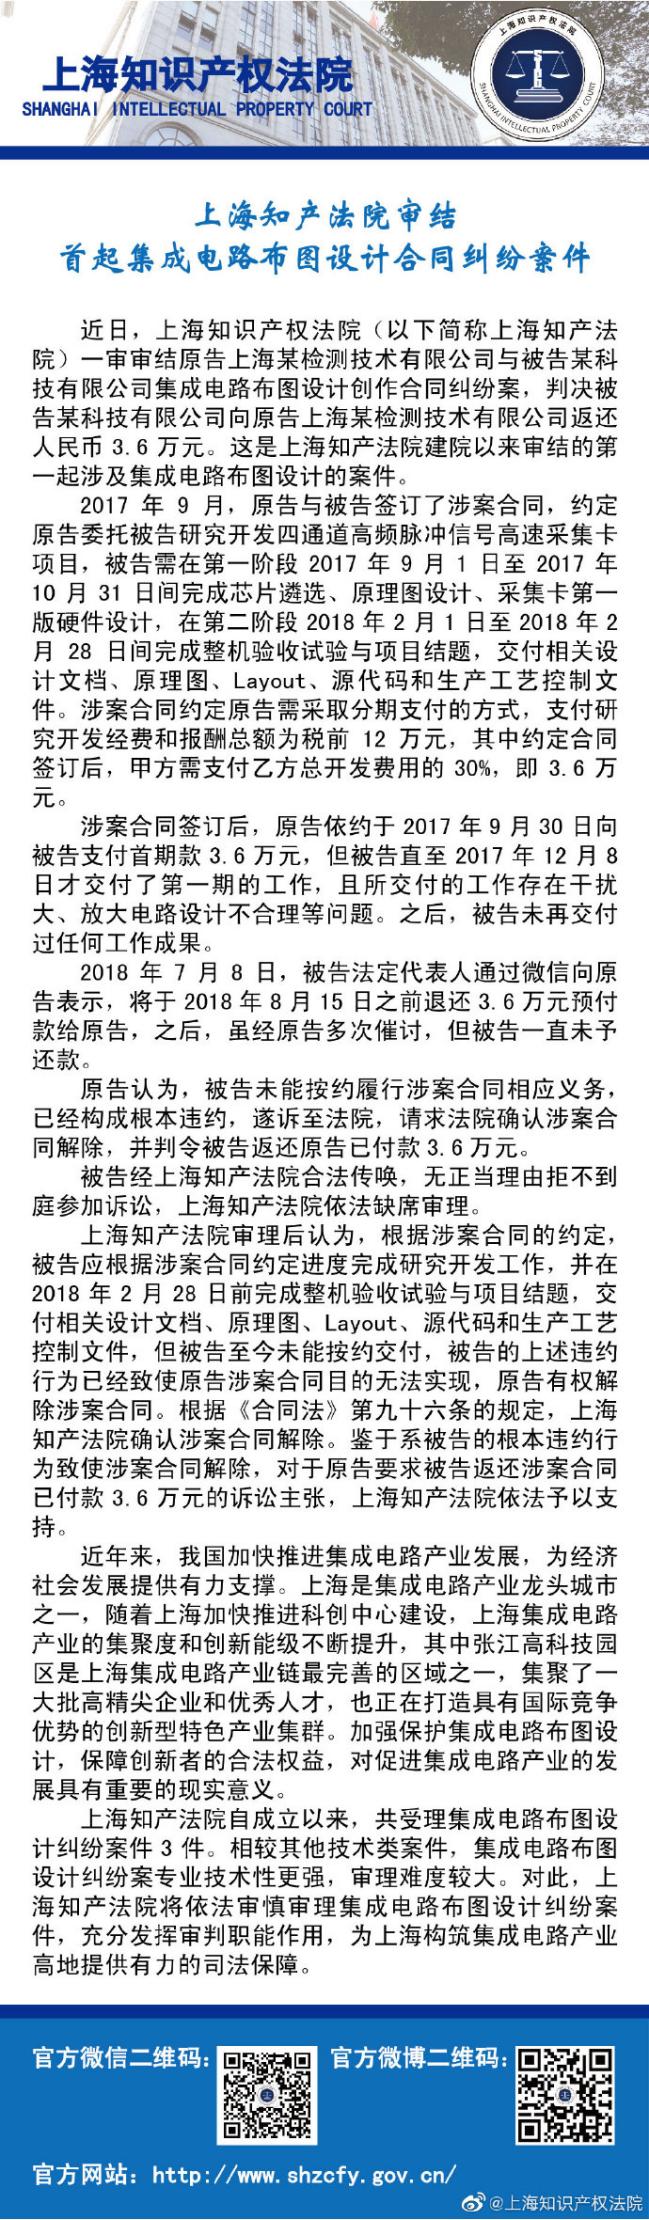 上海知产法院首列集成电路布图设计案例情况